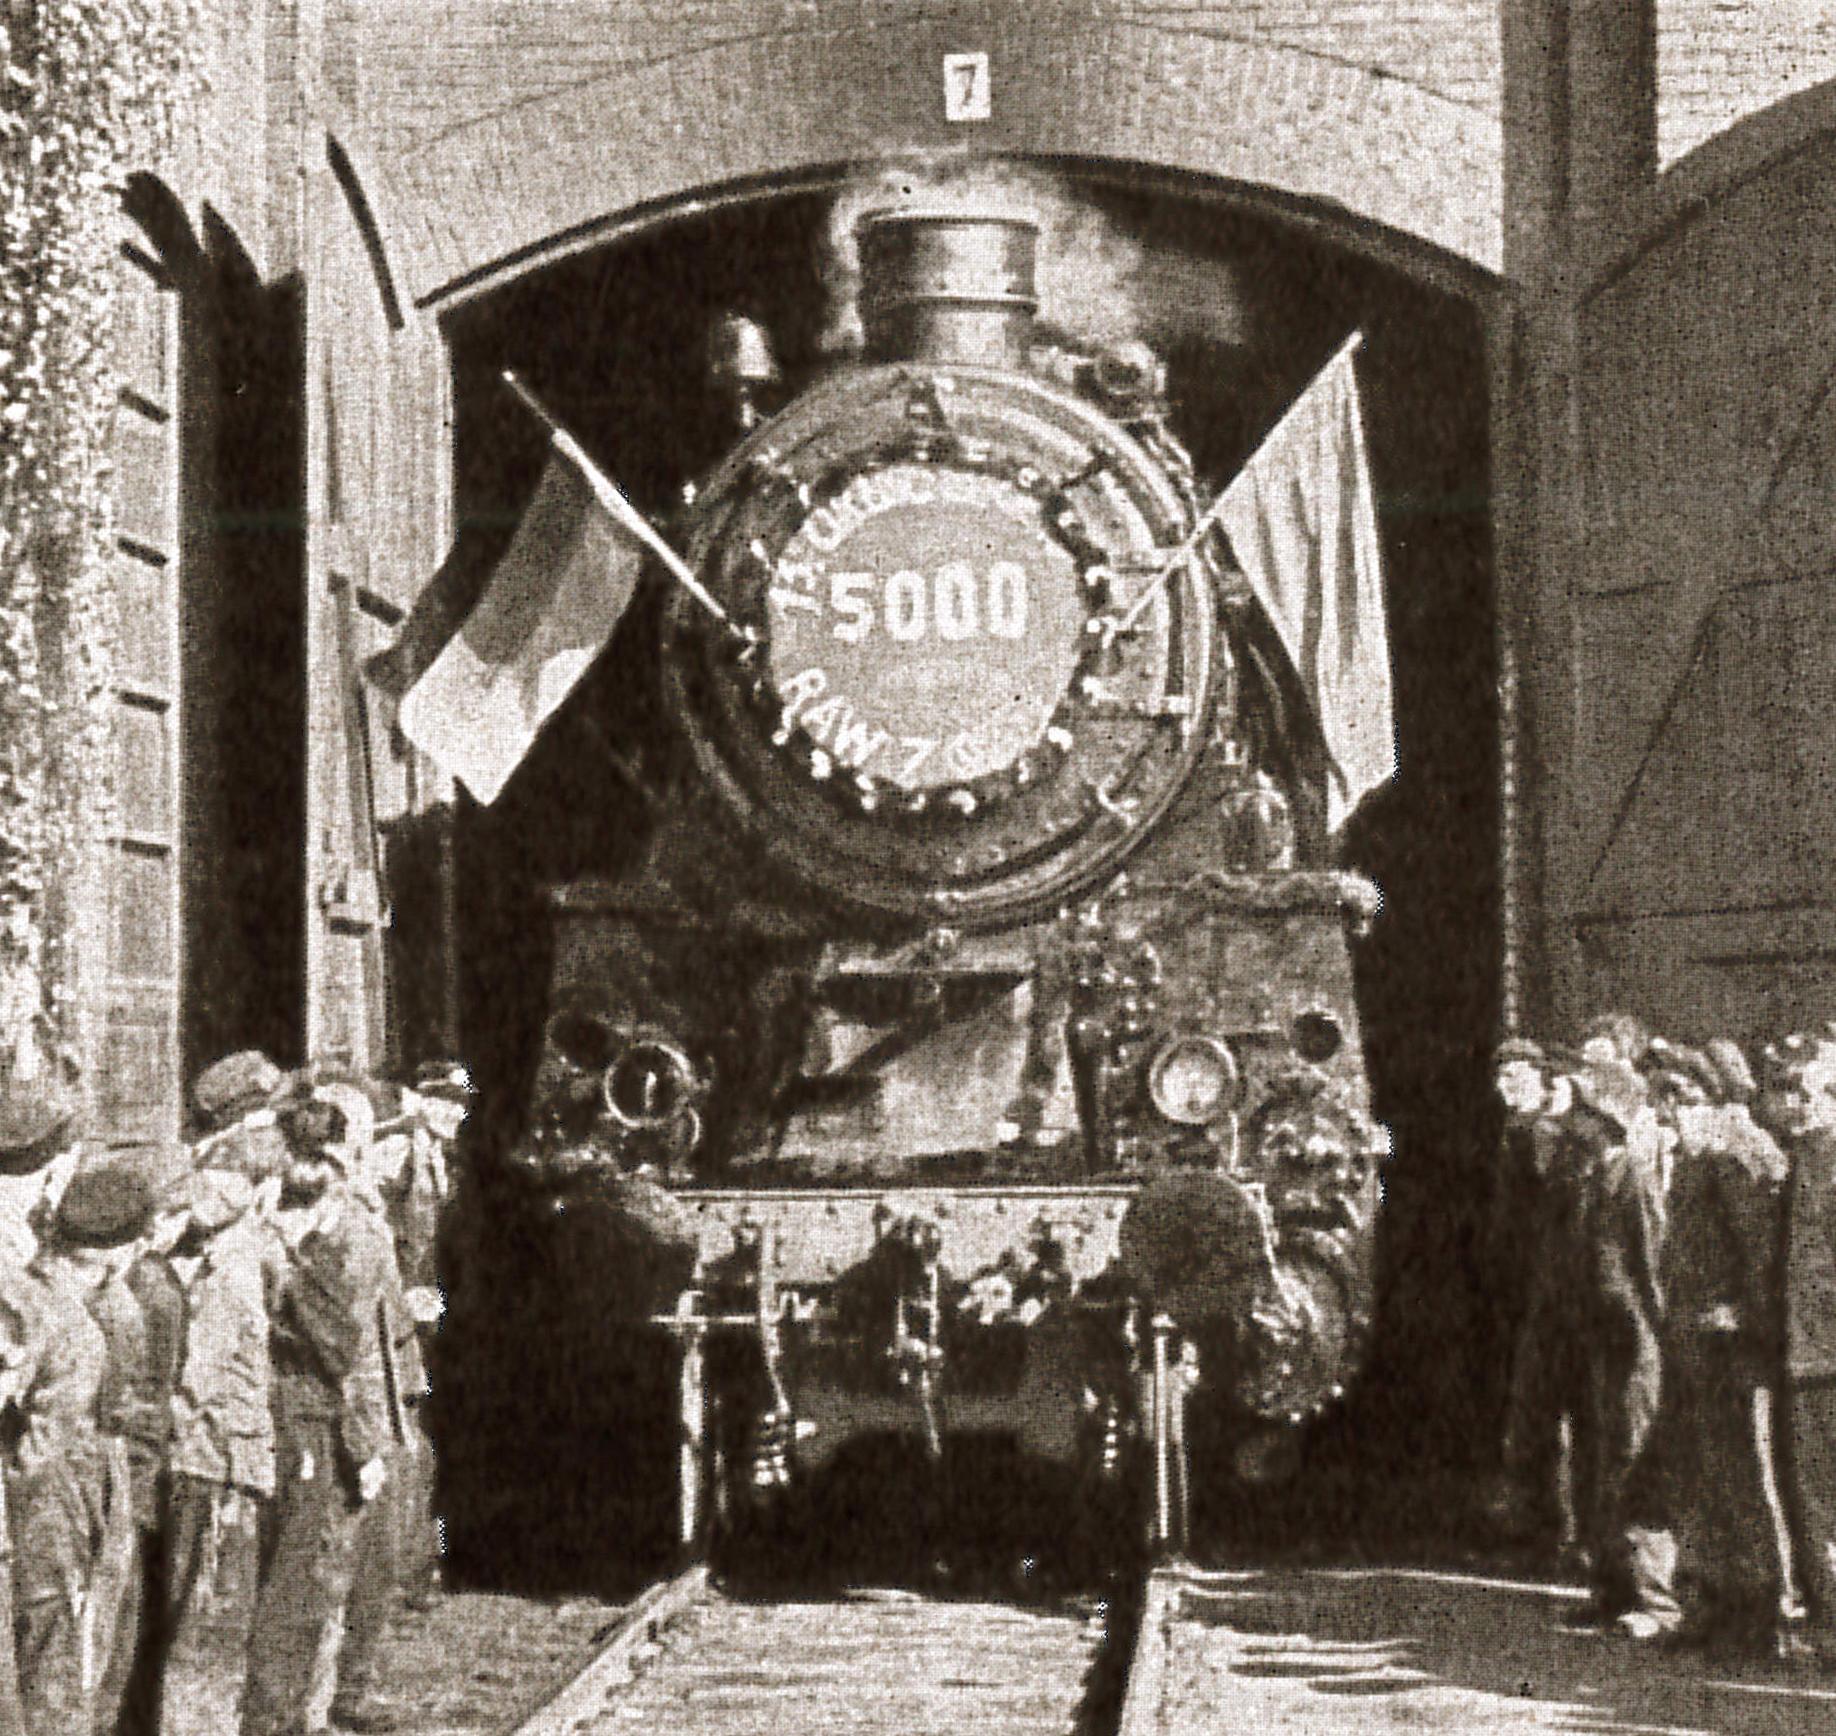 """Die 5000. Lok nach 1945 verläßt am 13.10.1954 die Lokhalle (Quelle: """"50 Jahre RAW, 50 Jahre Arbeiterbewegung"""", Zwickau, 1958)"""